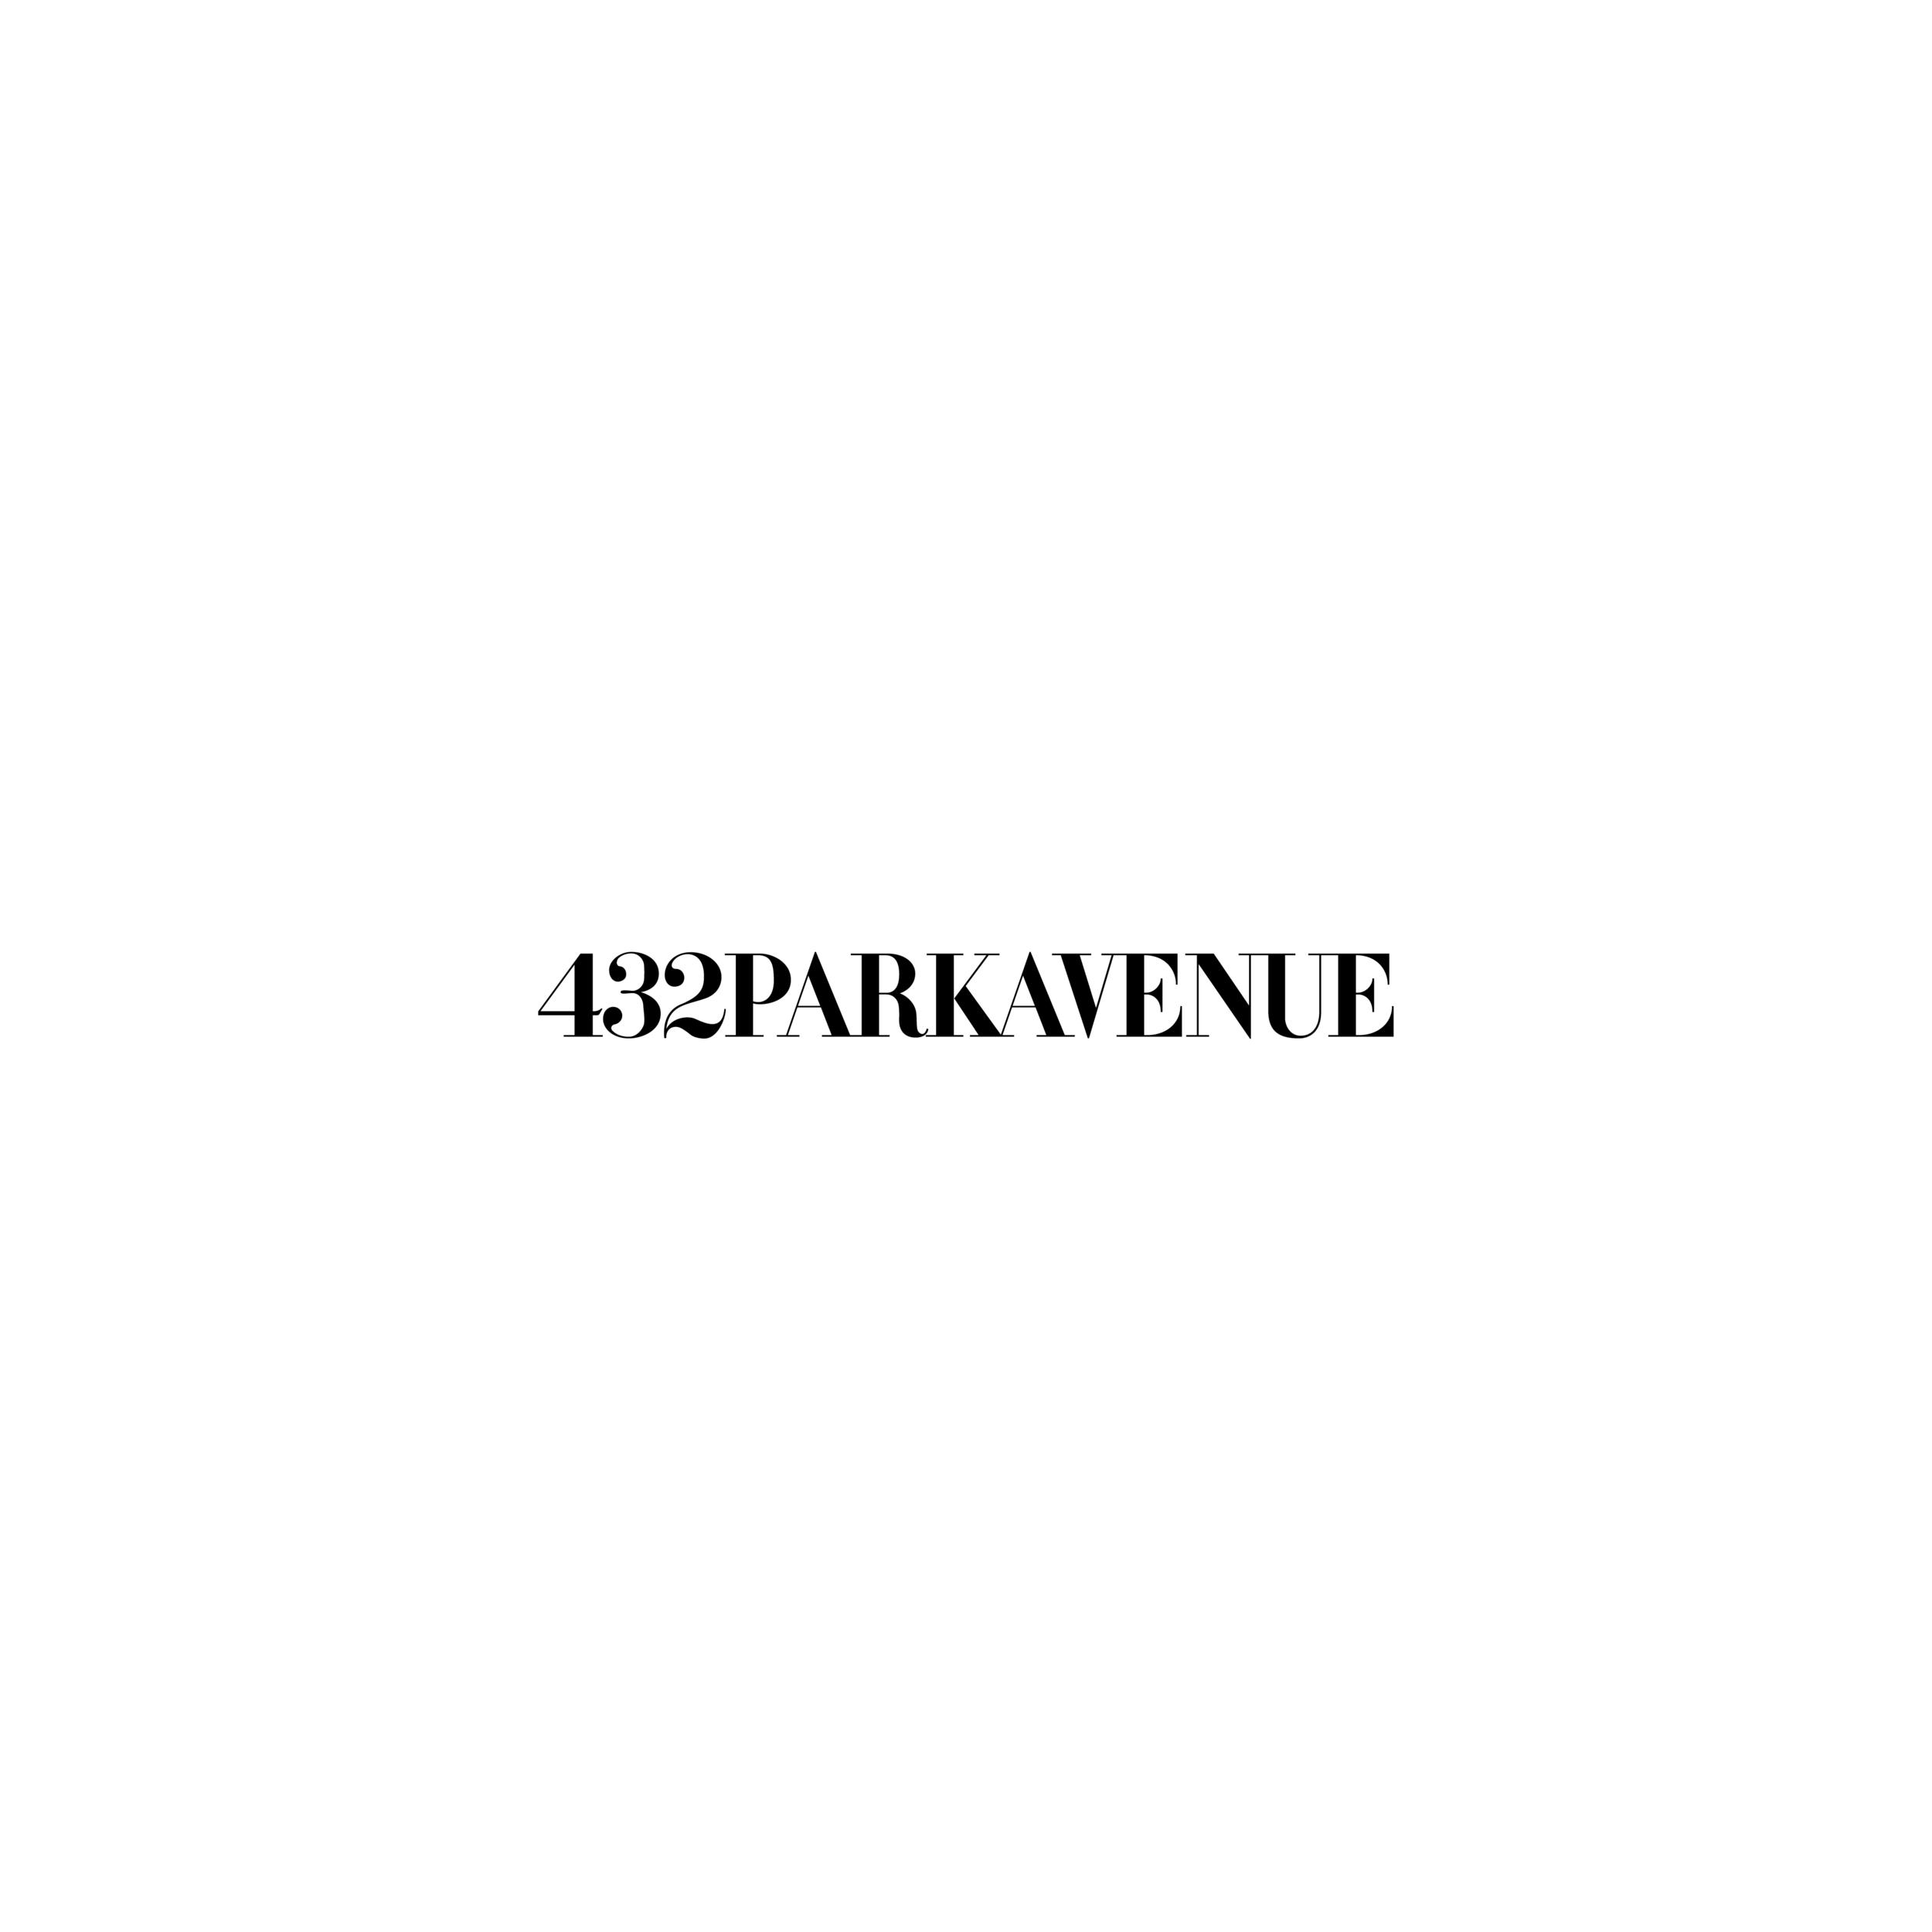 432 park avenue.png